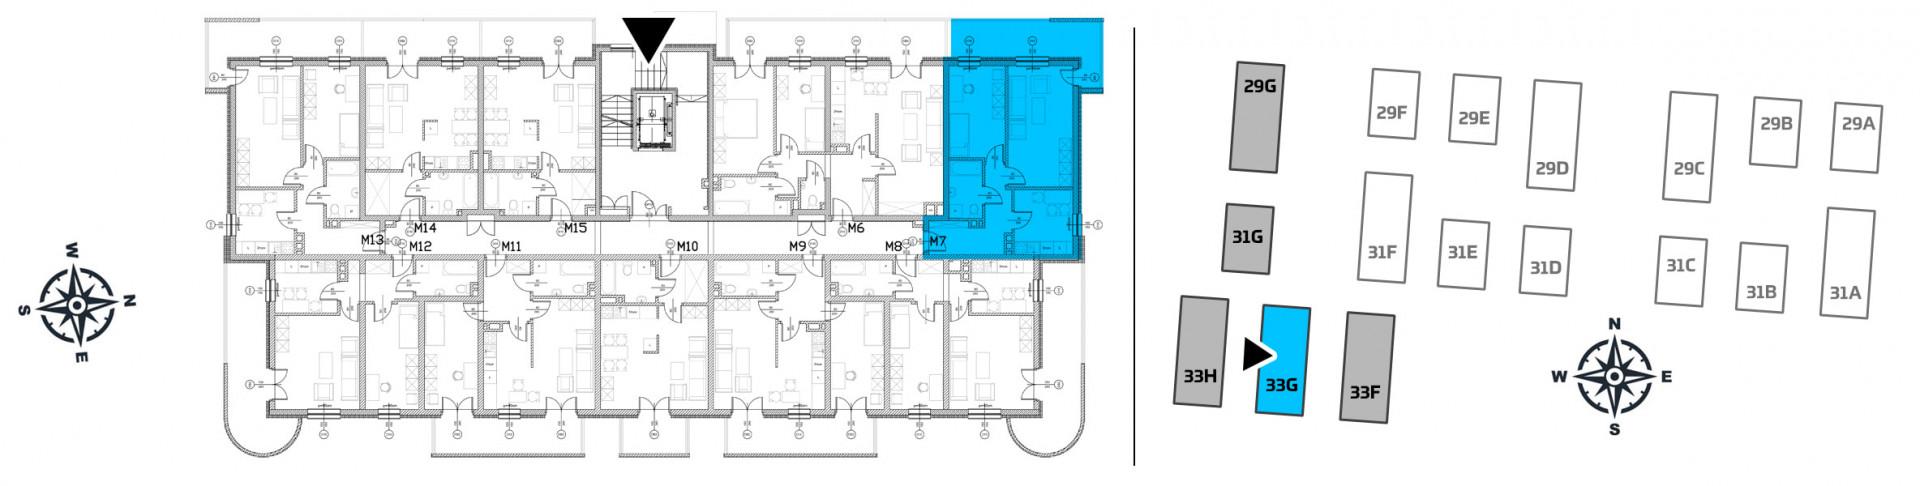 Mieszkanie dwupokojowe 33G/7 rzut 2